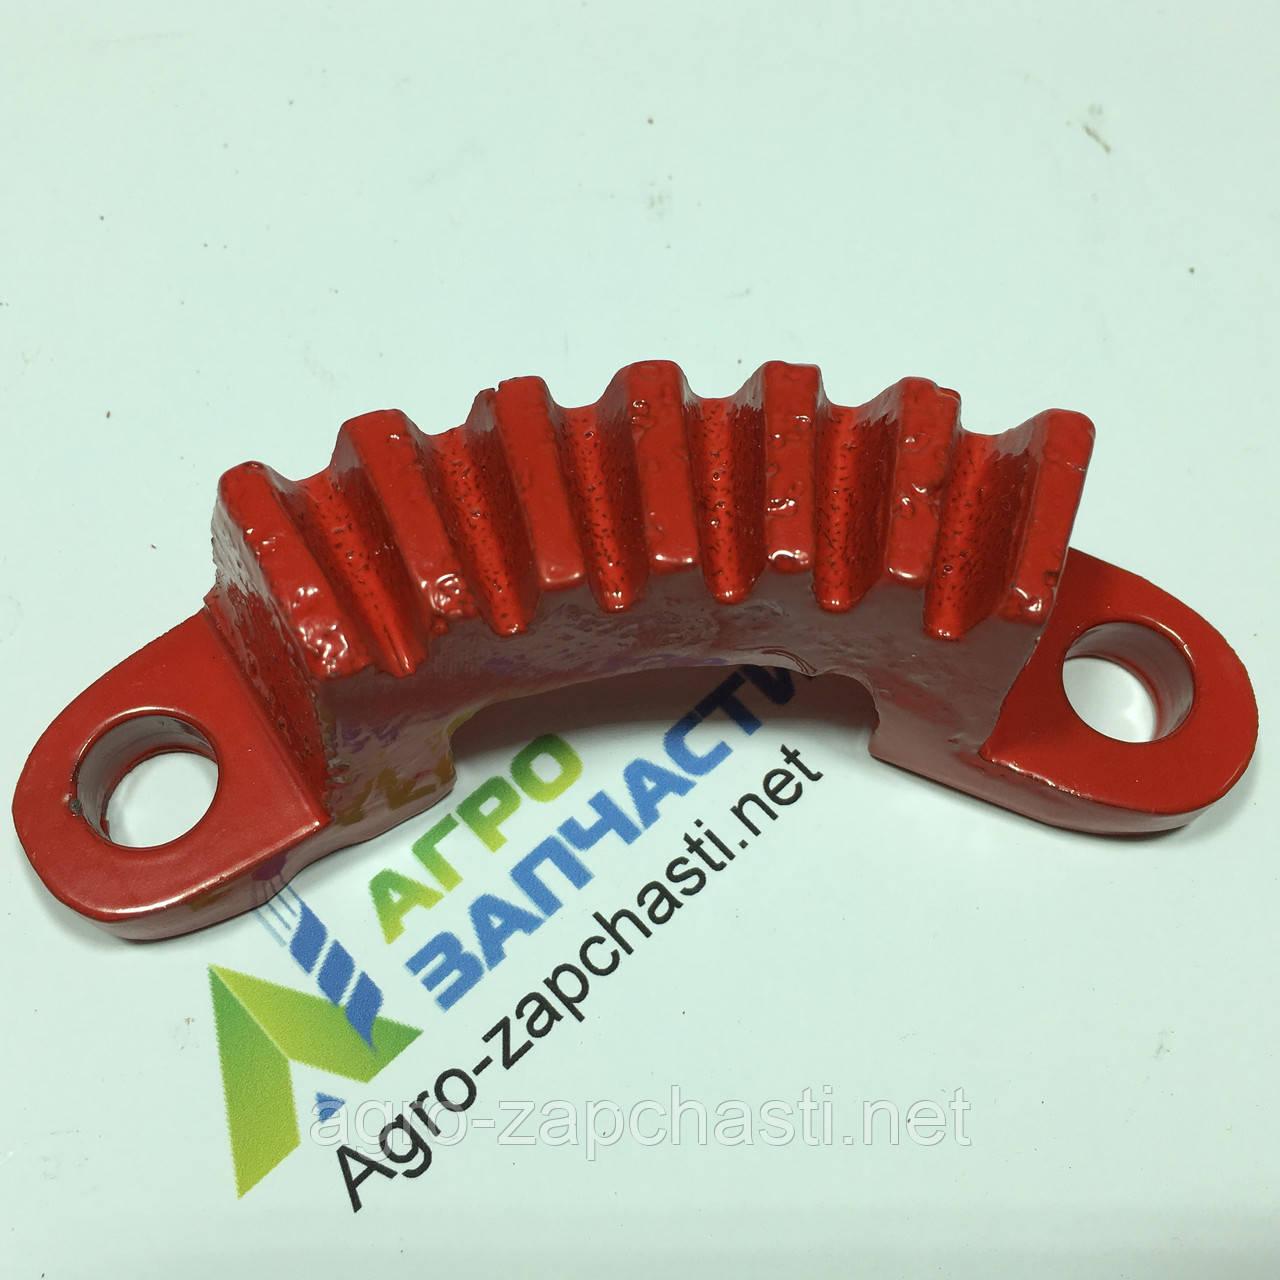 Сегмент зубчатый тарелки вязального аппрата пресс-подборщика Welger AP12, z7 (7 зубьев)